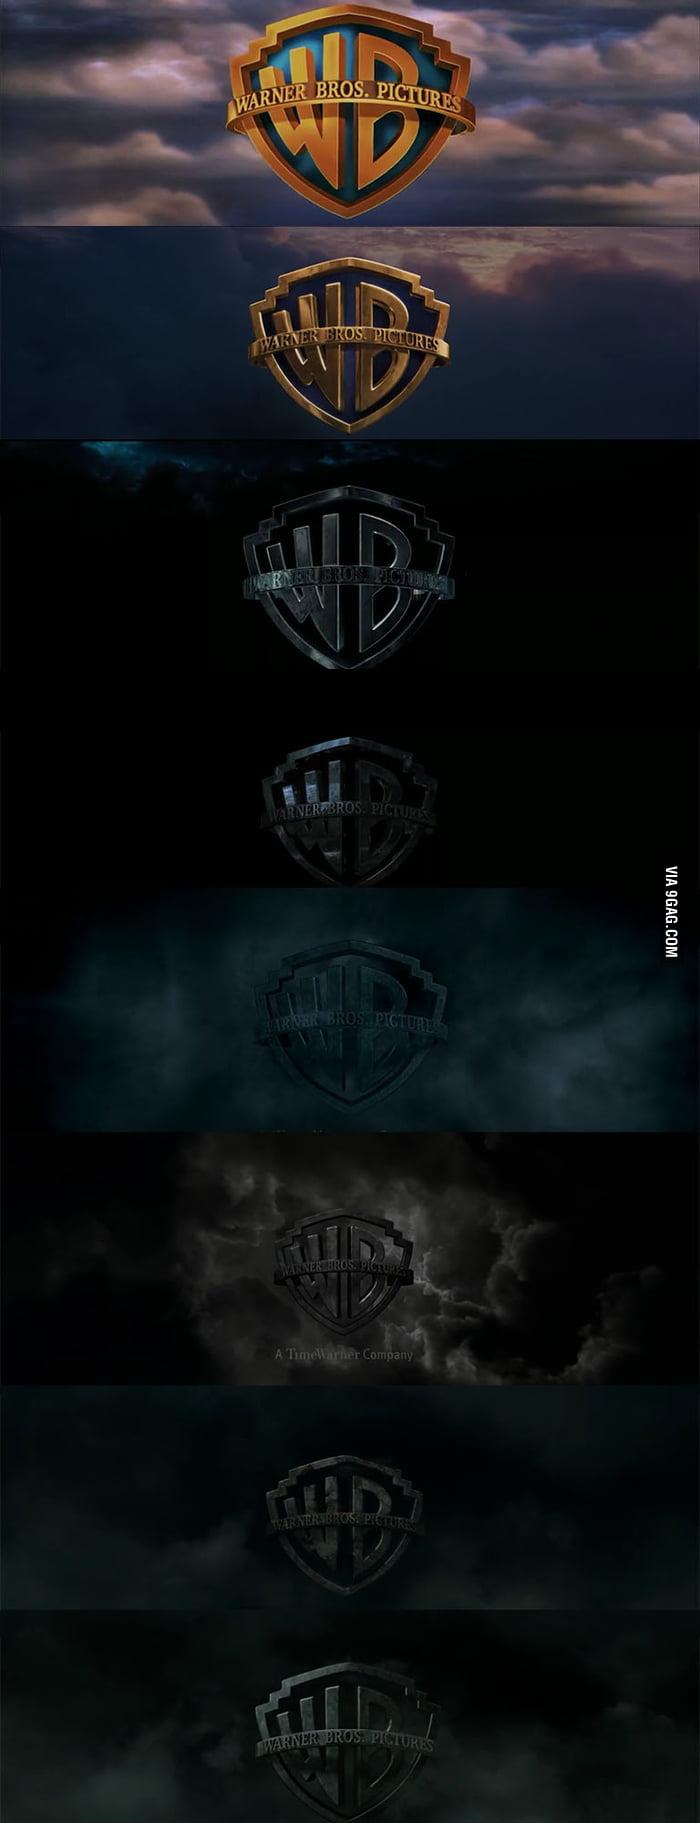 Warner Bros Intro for Harry Potter getting darker. - 9GAG